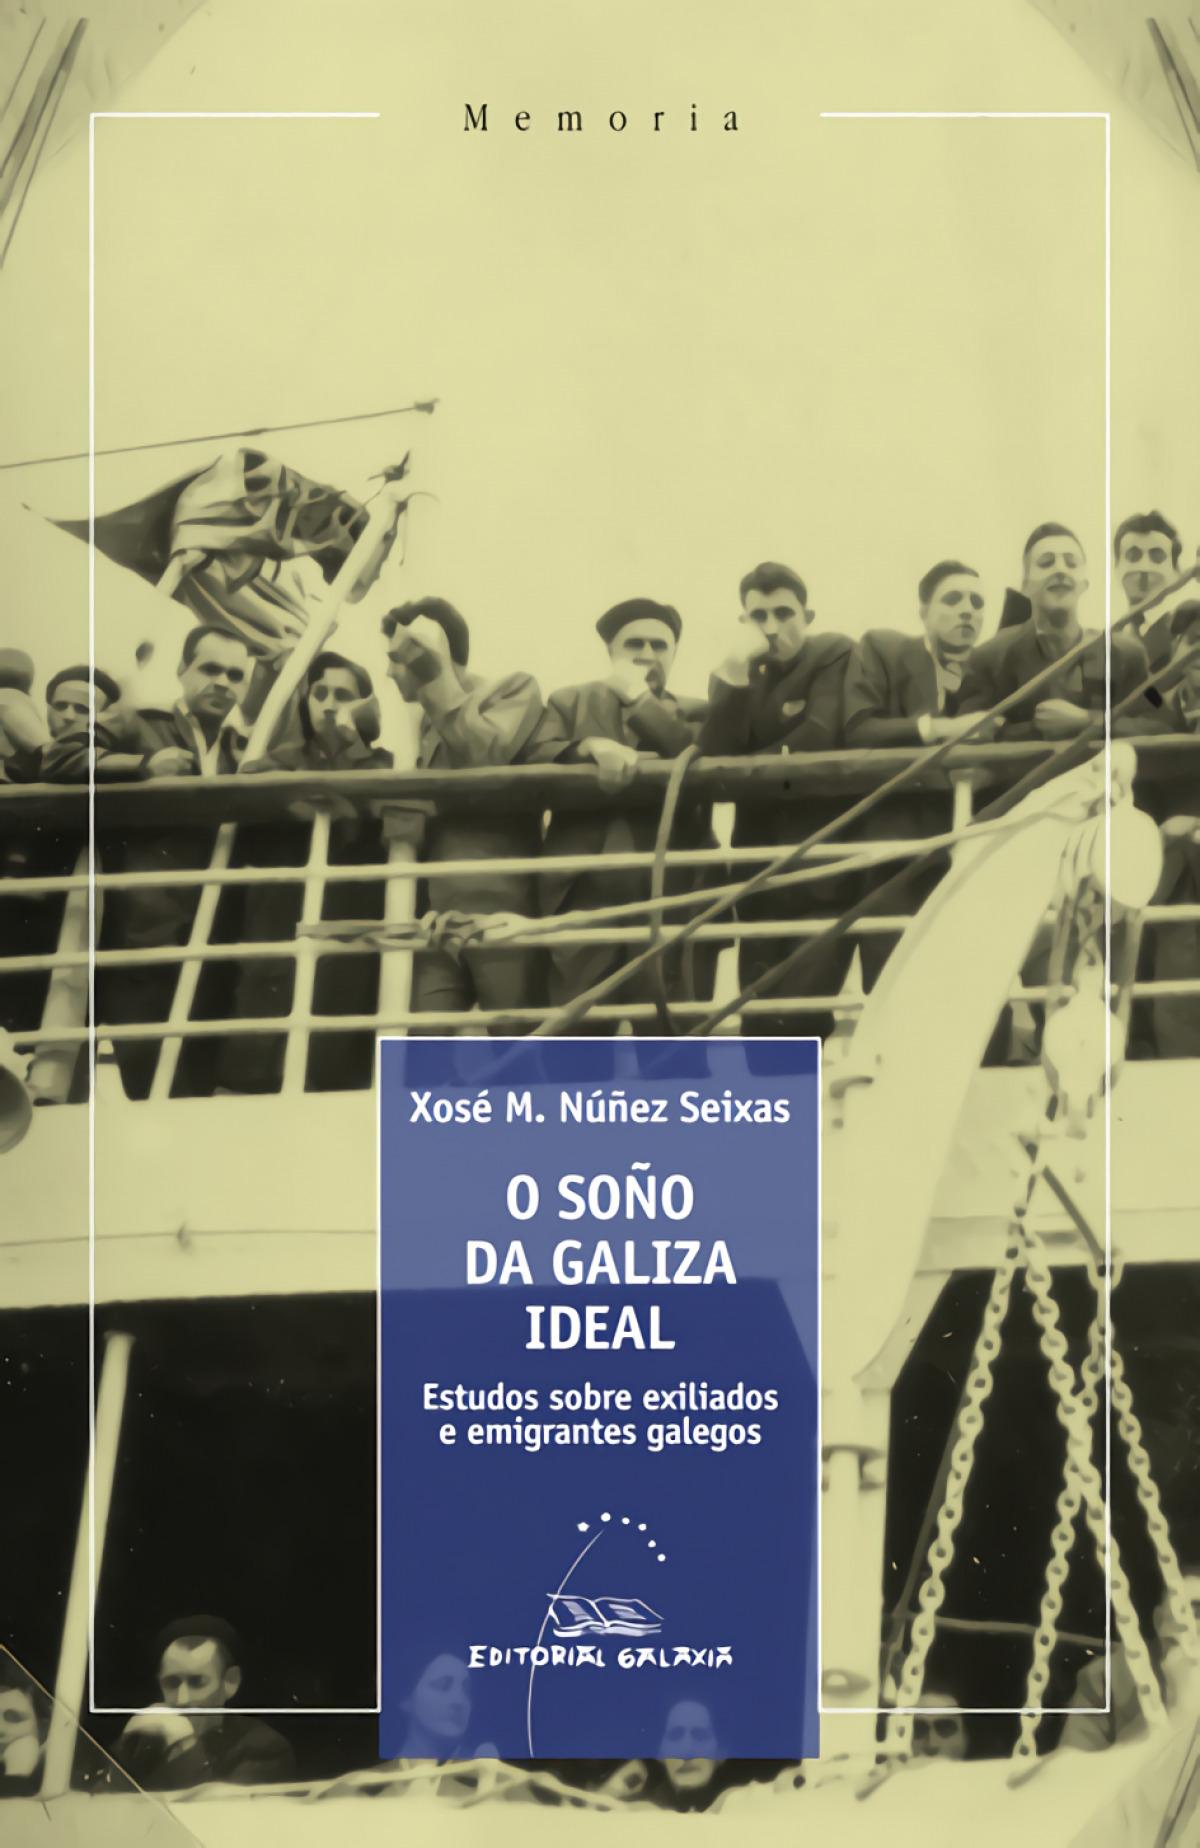 O SOÑO DA GALIZA IDEAL